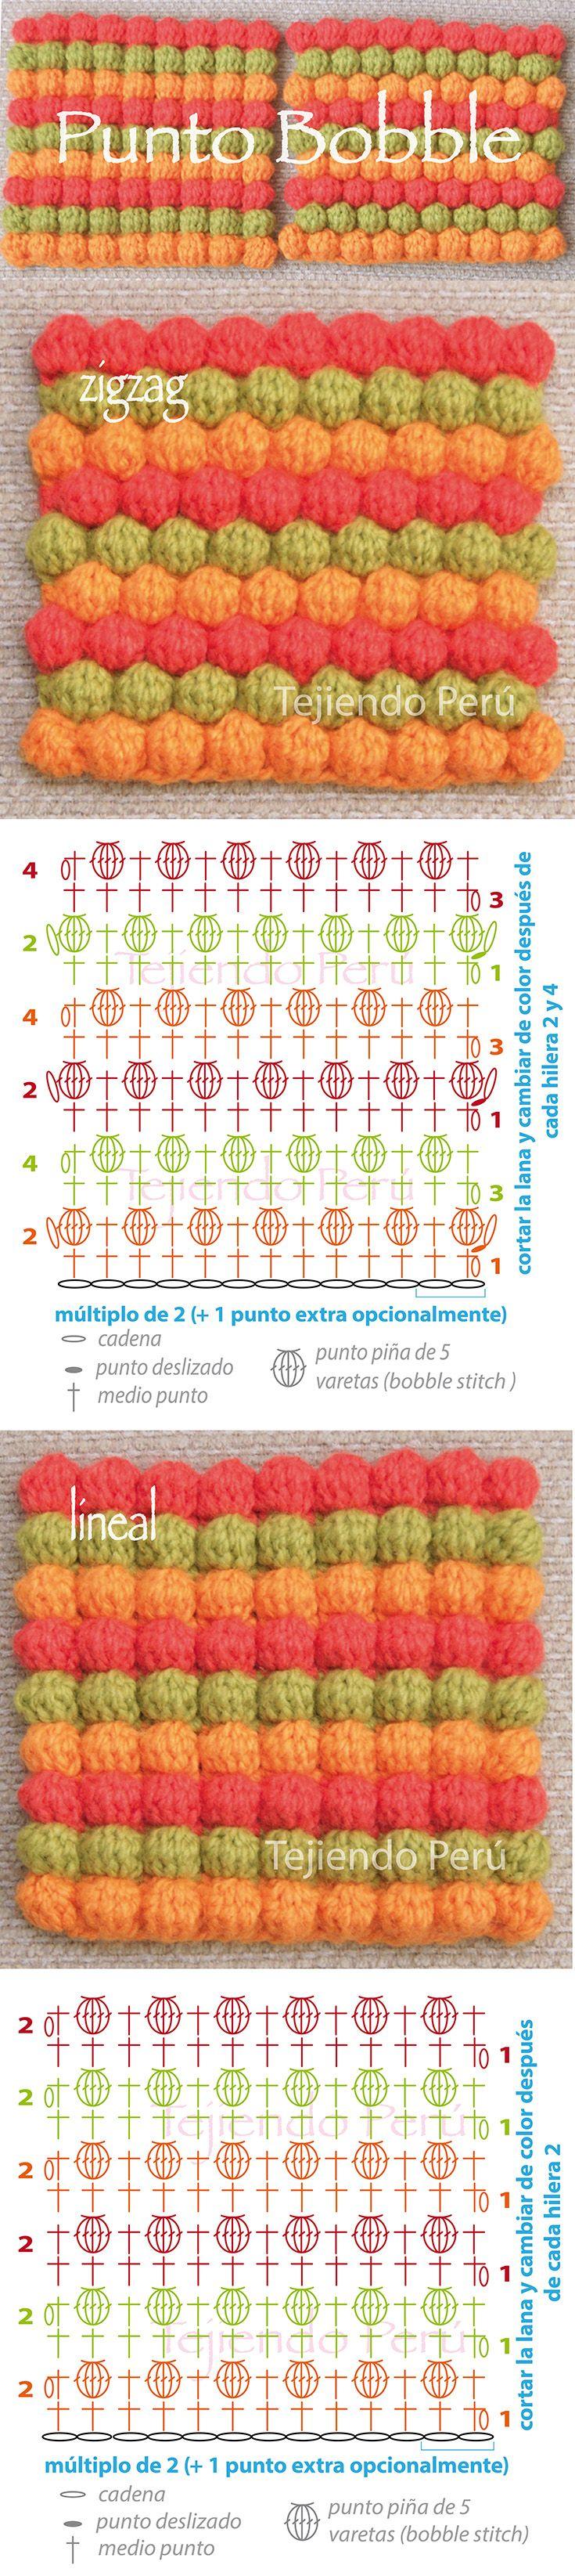 Punto bobble o puff tejido a crochet en zigzag y en forma lineal ...